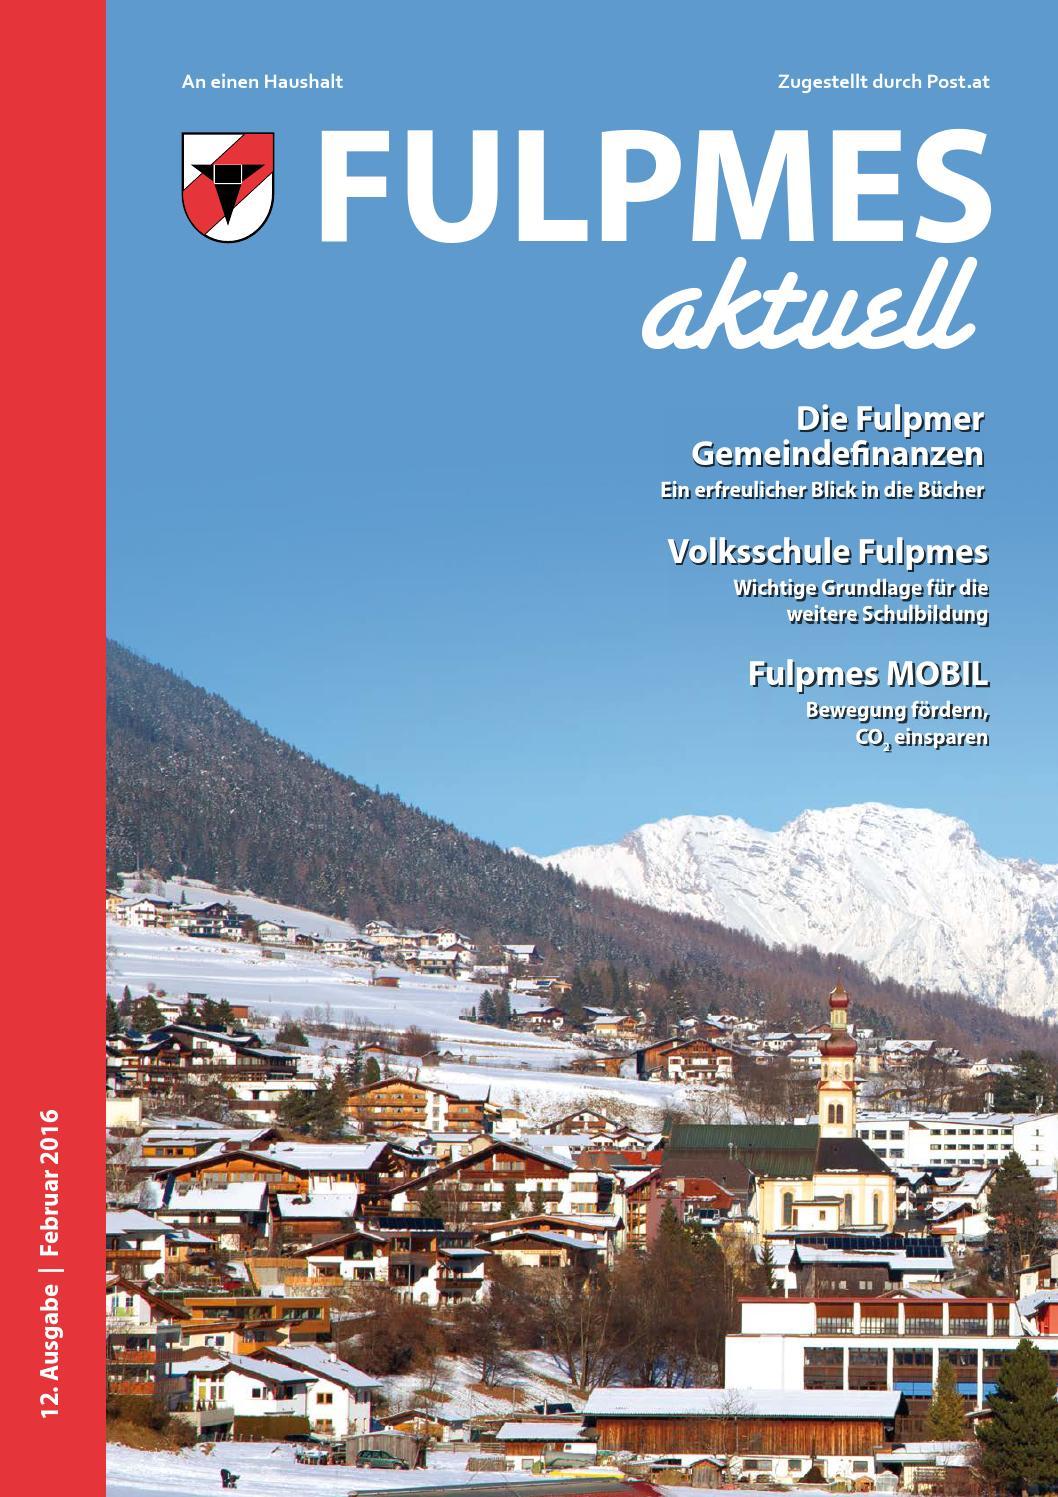 Mollige singles in asperhofen - Neu leute kennenlernen in